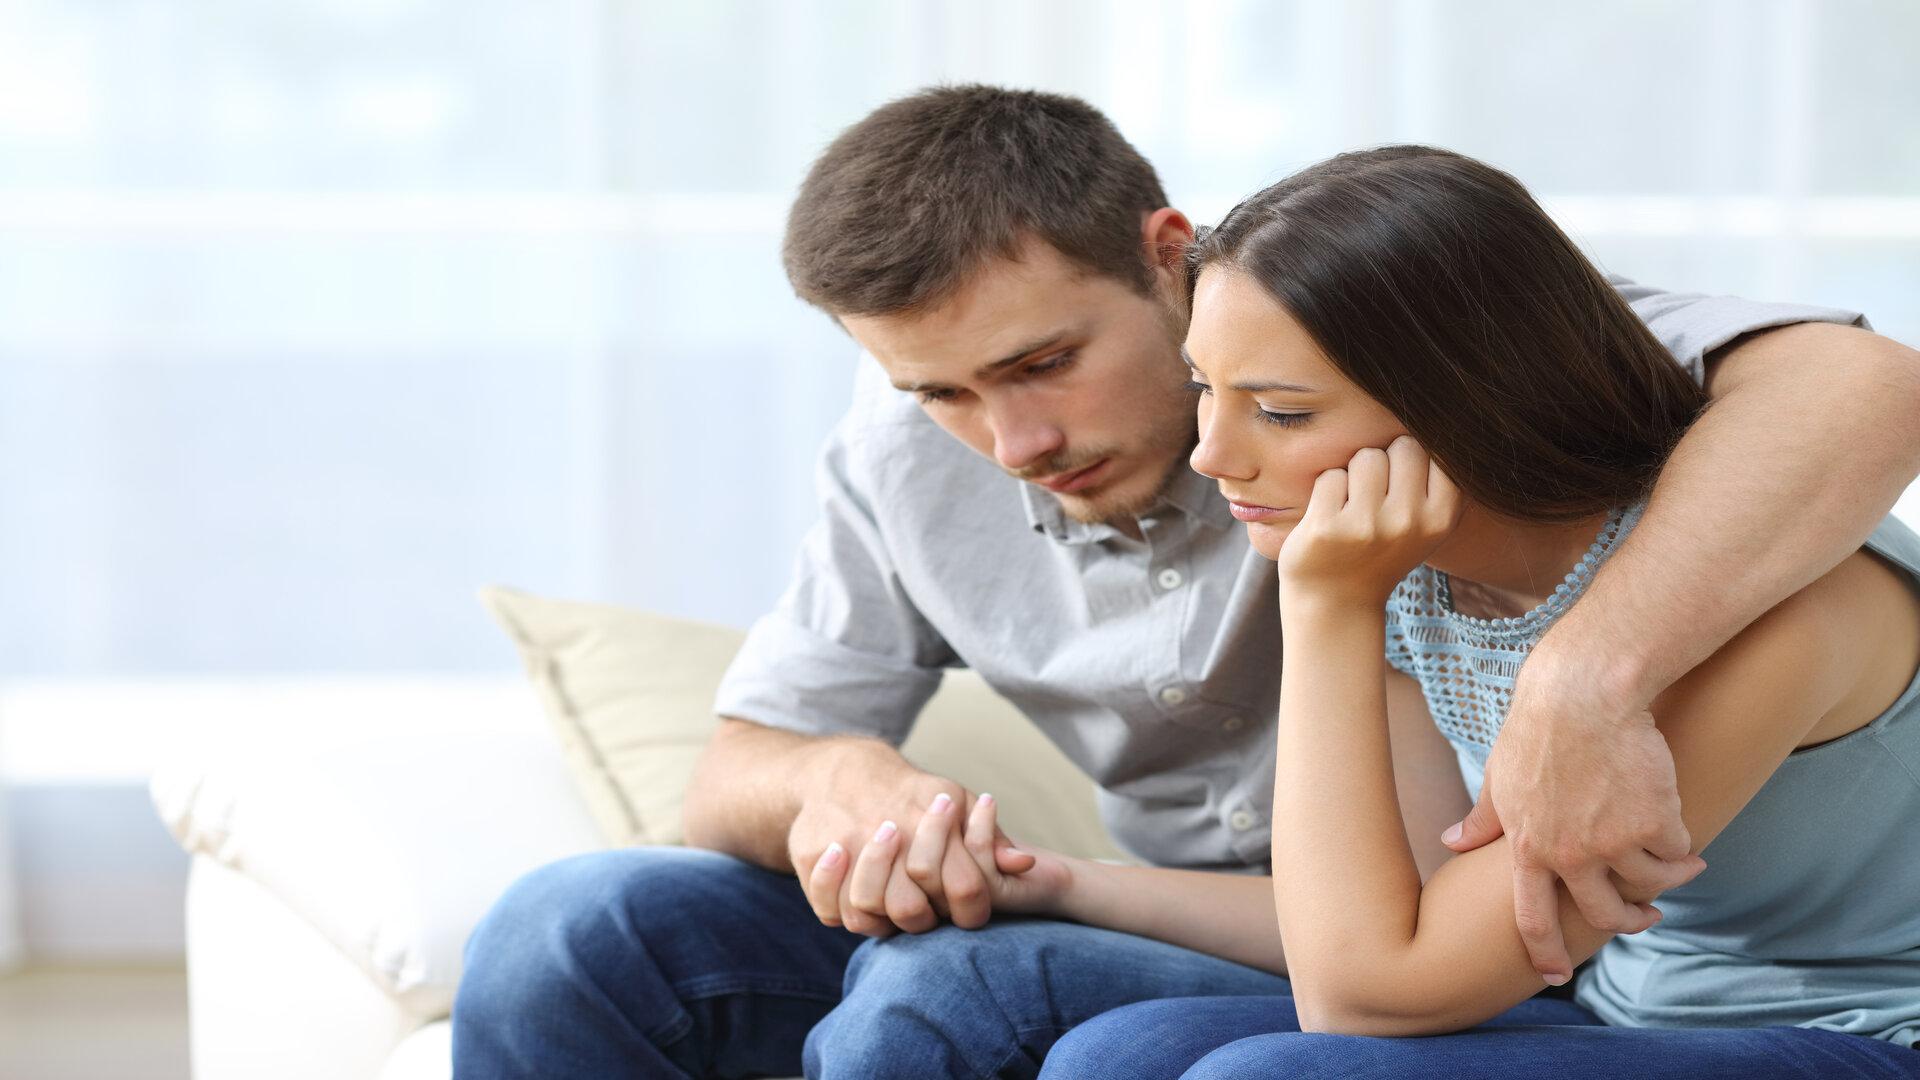 Comment faire pour reconstruire son couple?